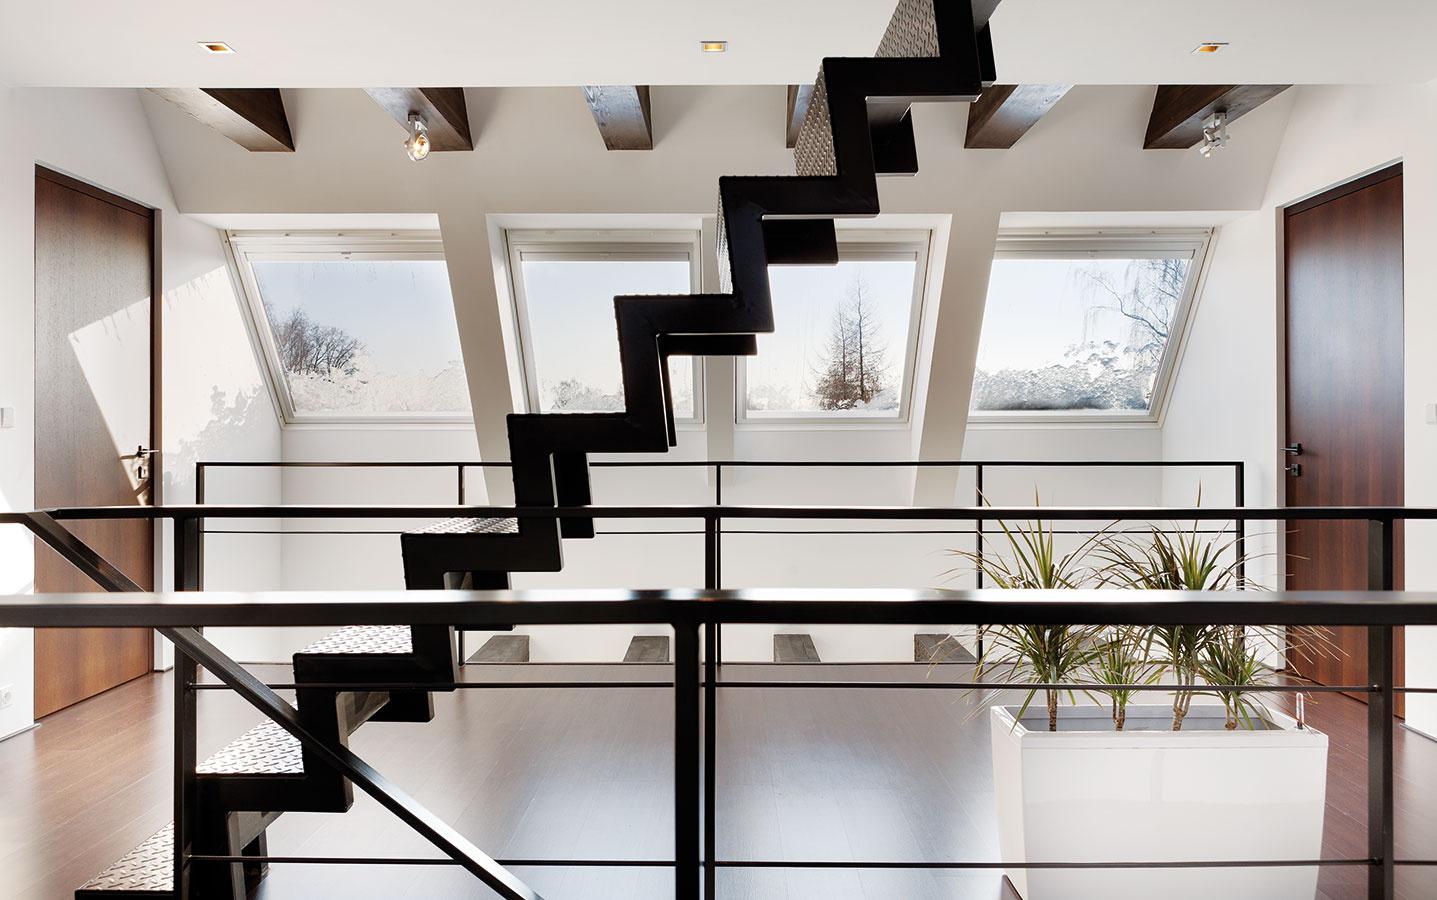 Zgalérie vprvej úrovni podkrovia sa vstupuje do spální ahlavnej kúpeľne. Všetky tri úrovne interiéru prepája pôsobivý priestor, čiastočne otvorený vcelej výške domu abohato osvetlený strešnými oknami VELUX.